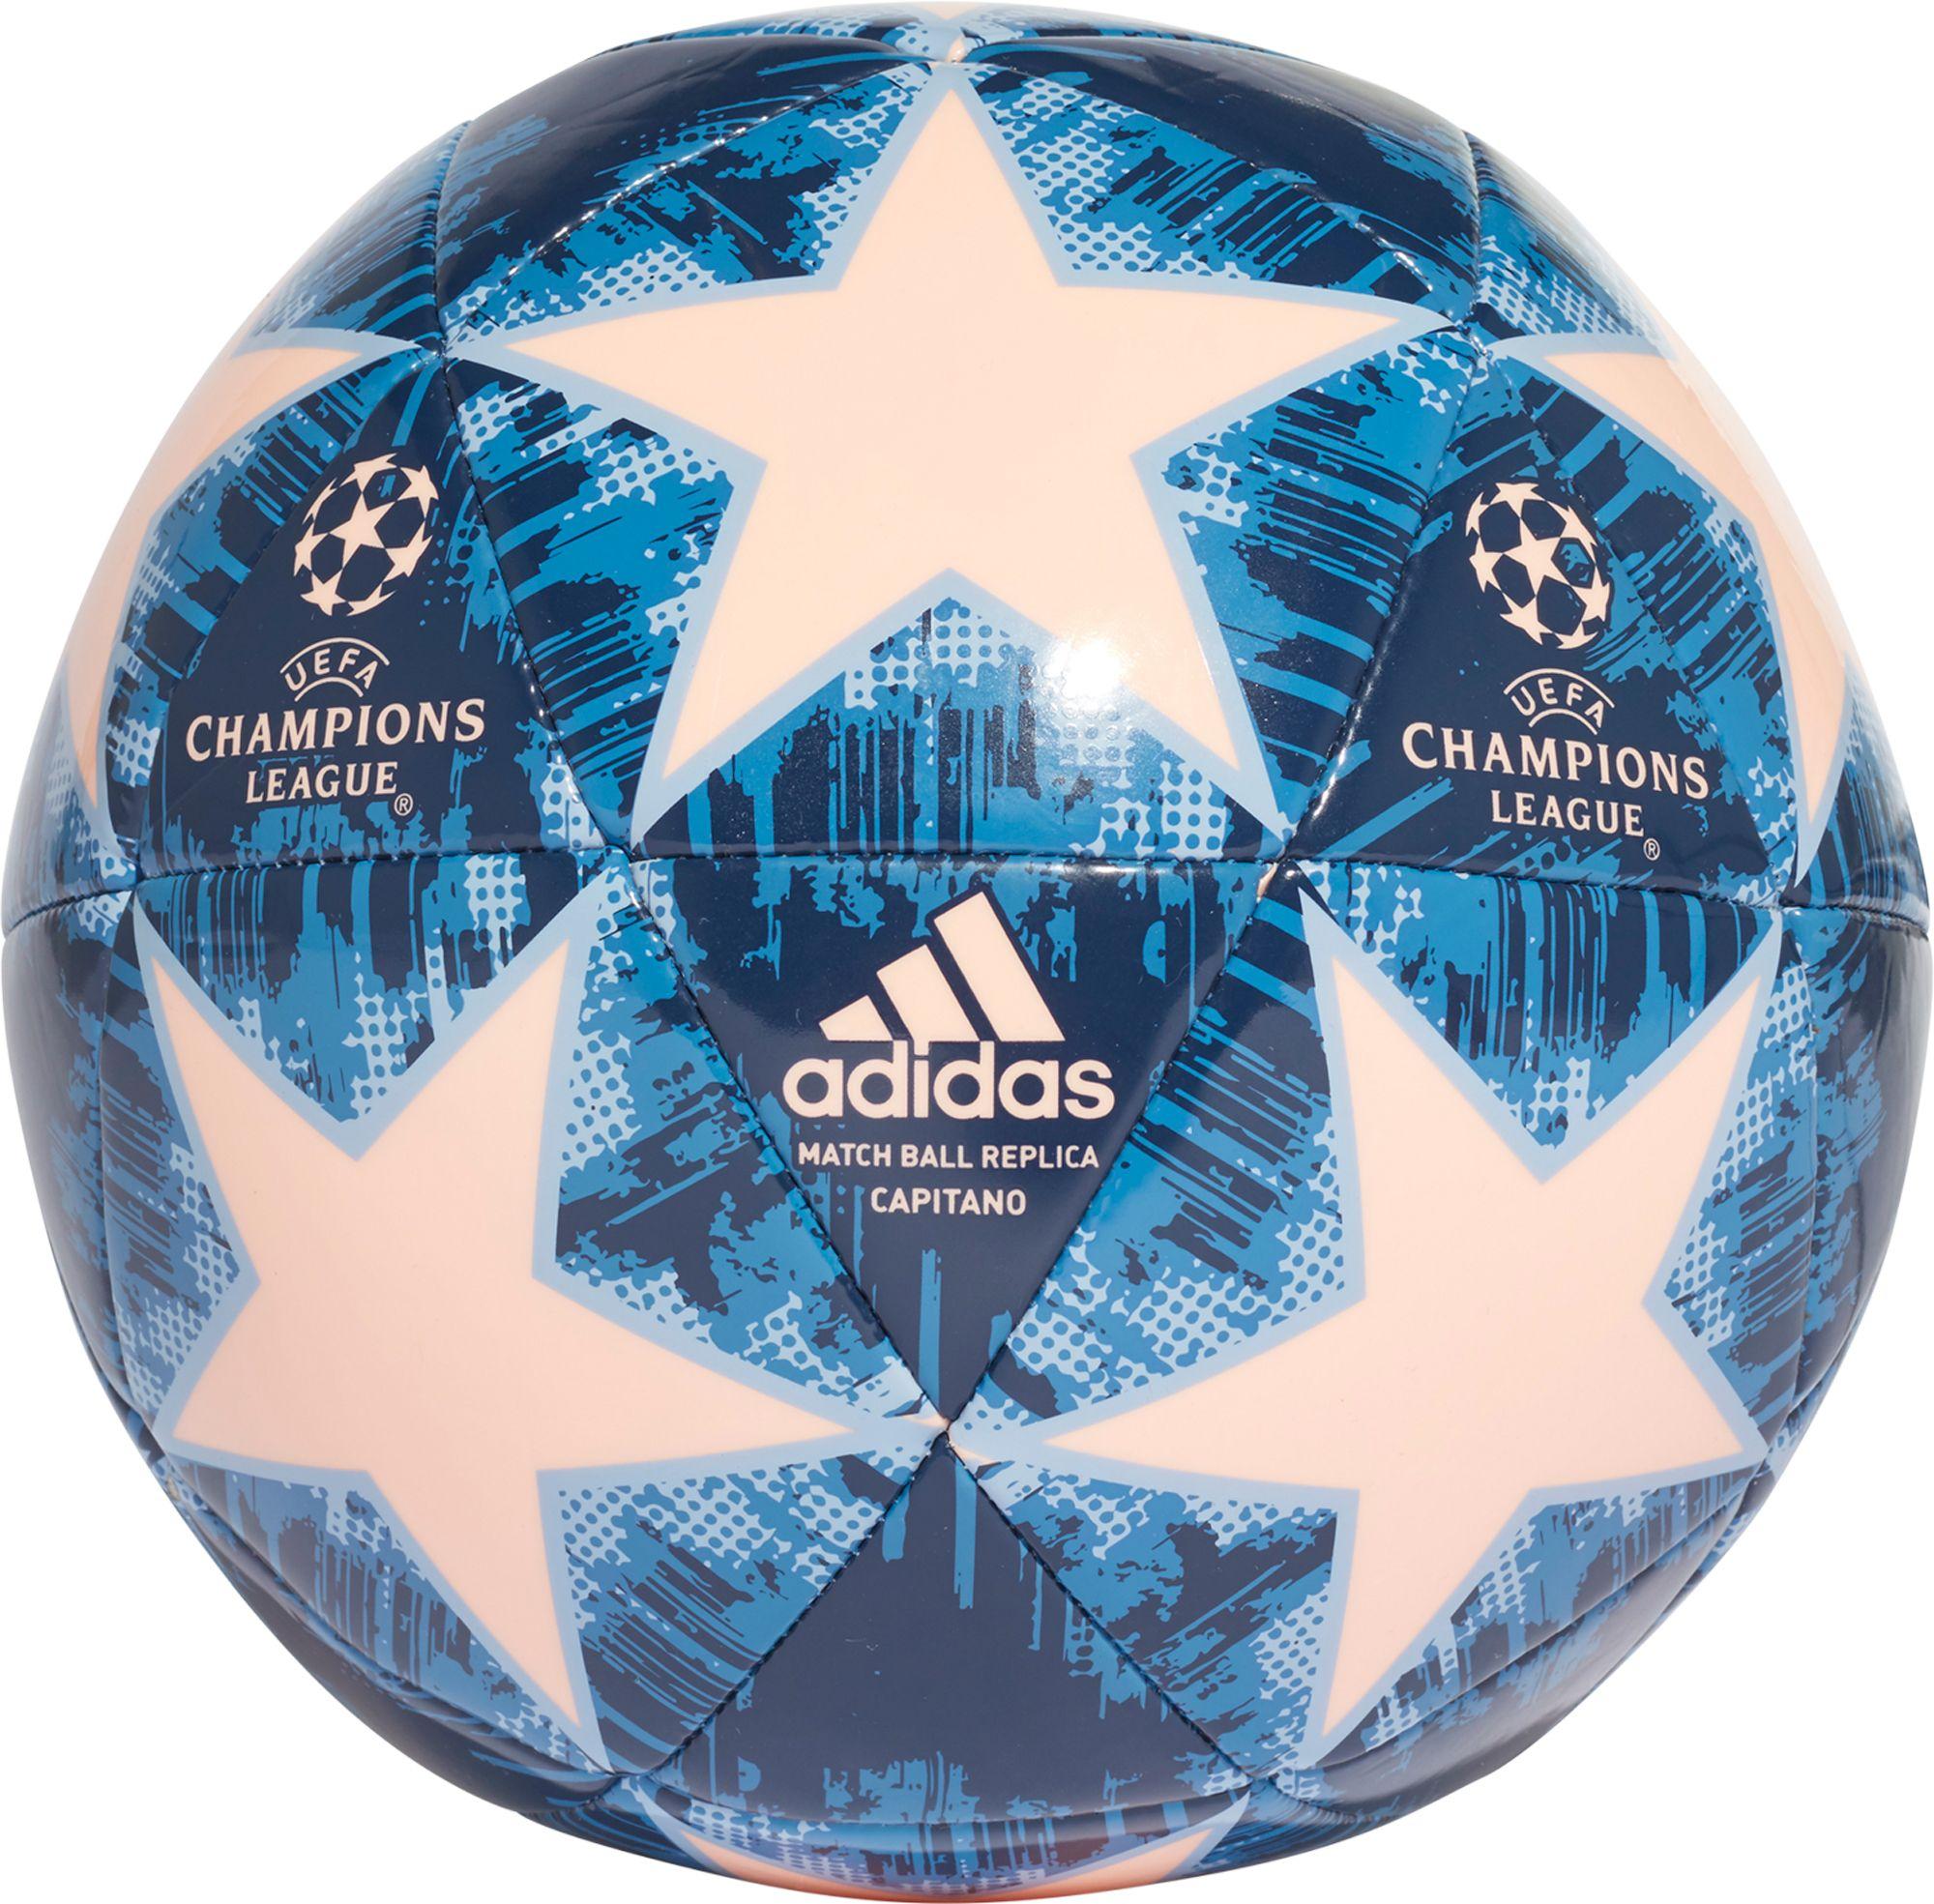 Adidas Uefa Champions League Finale Capitano Soccer Ball Orange Champions League Soccer Ball Soccer